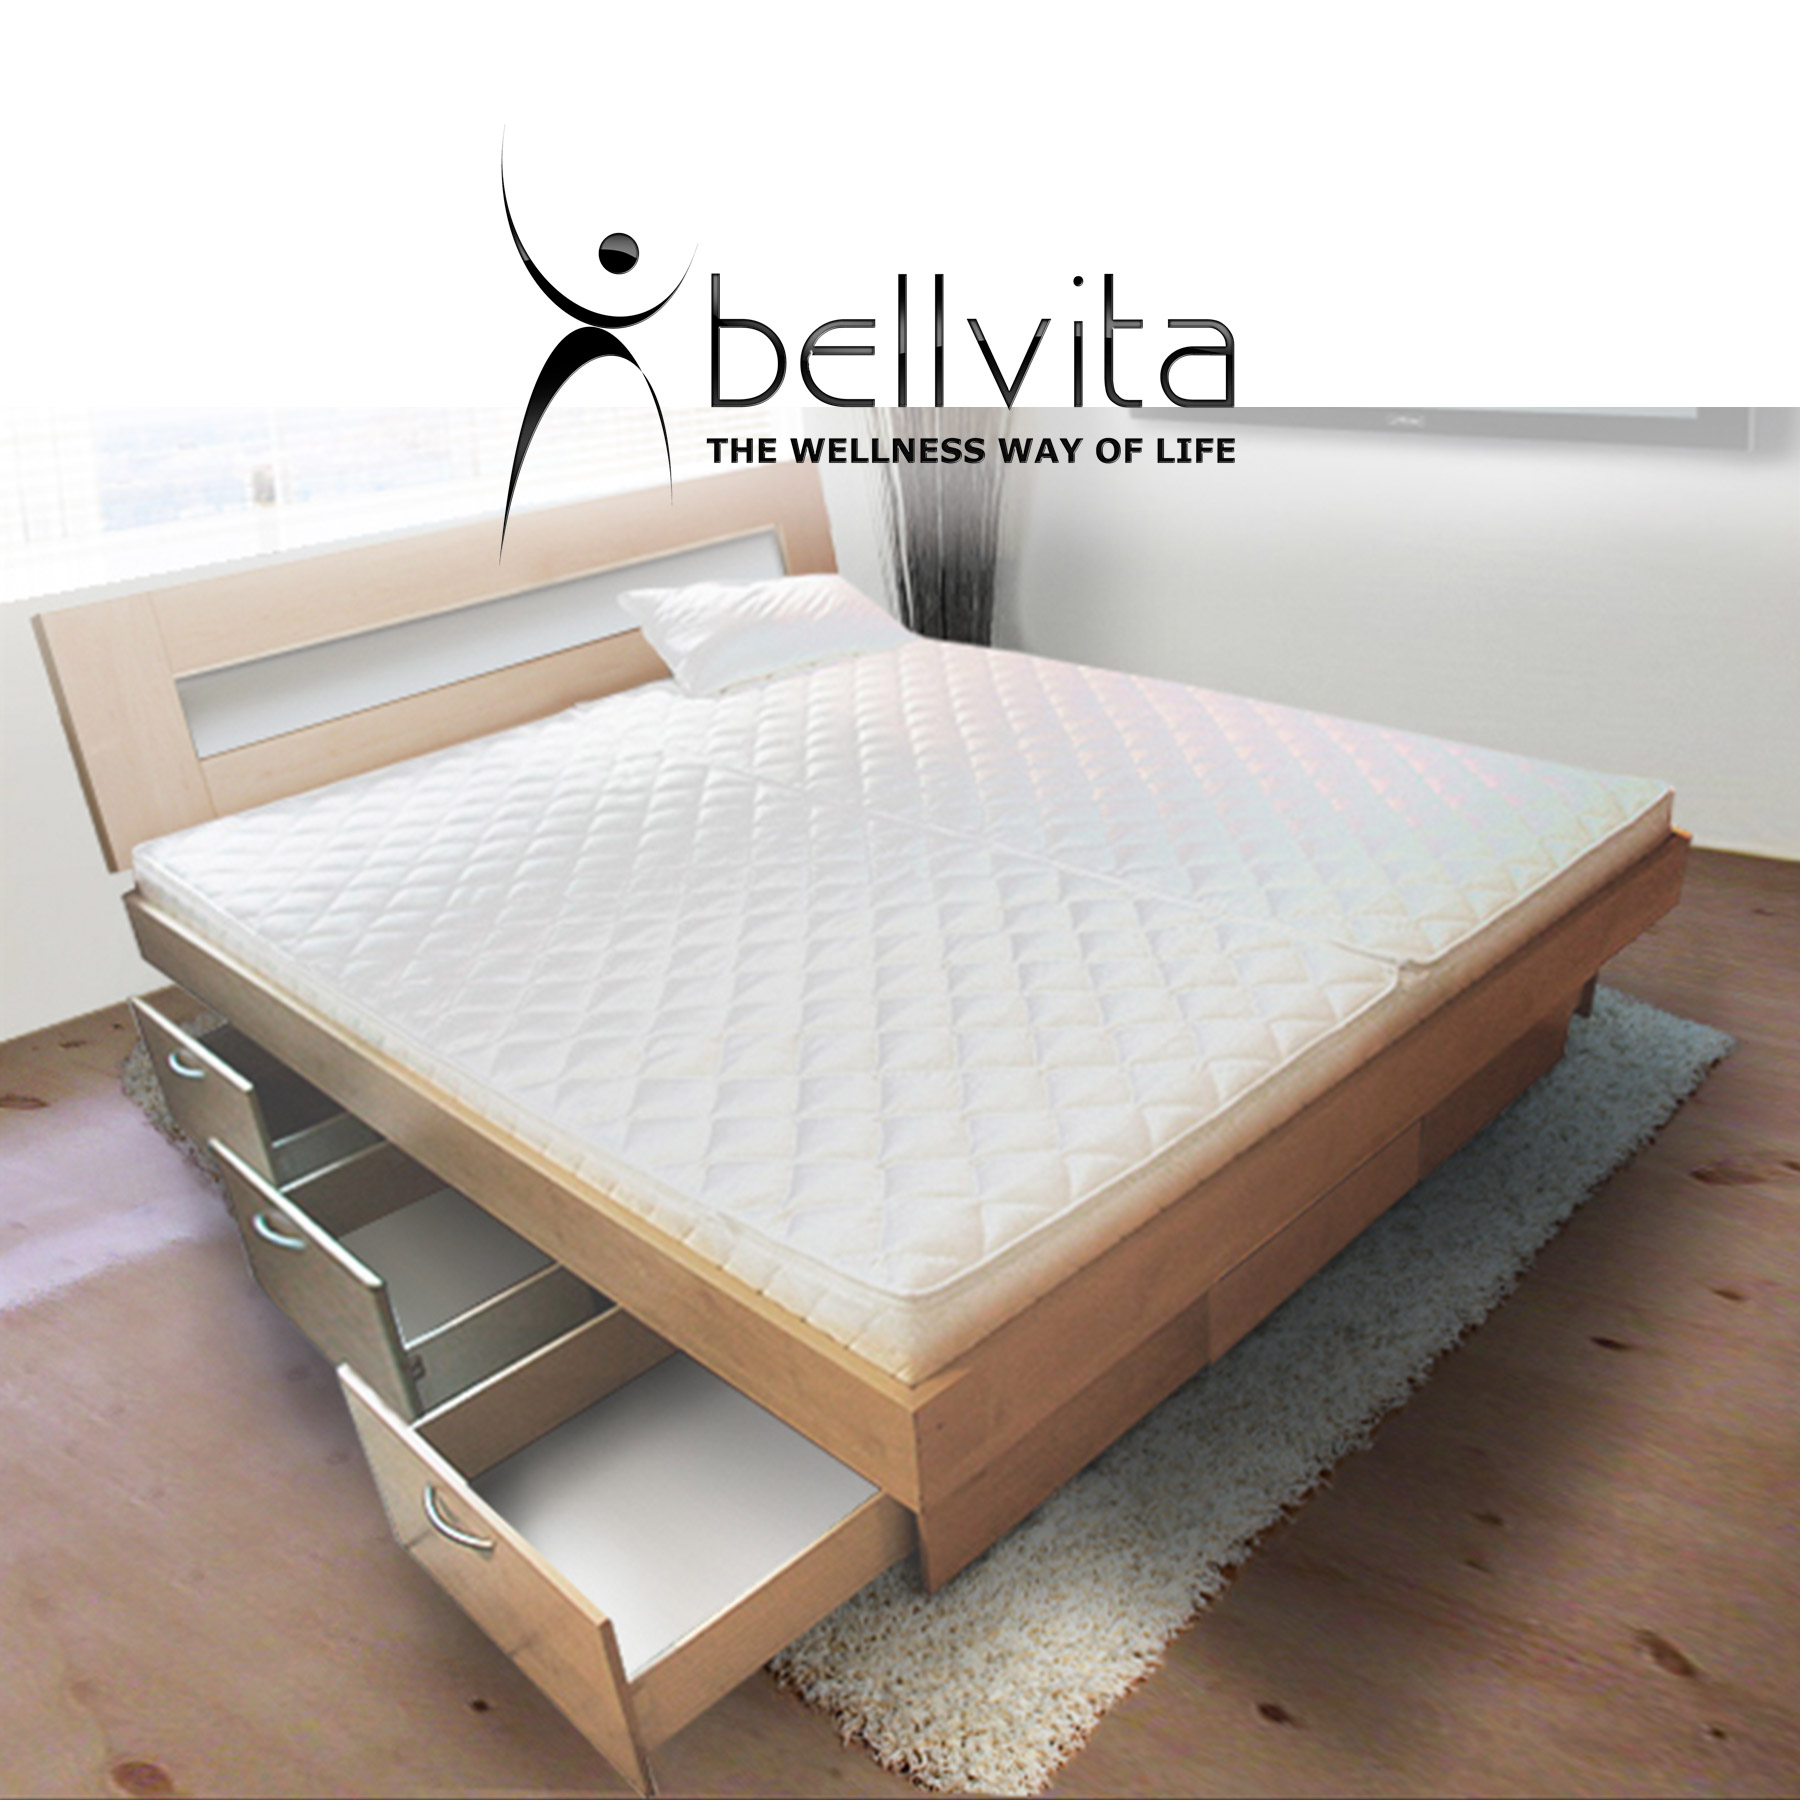 bellvita AG